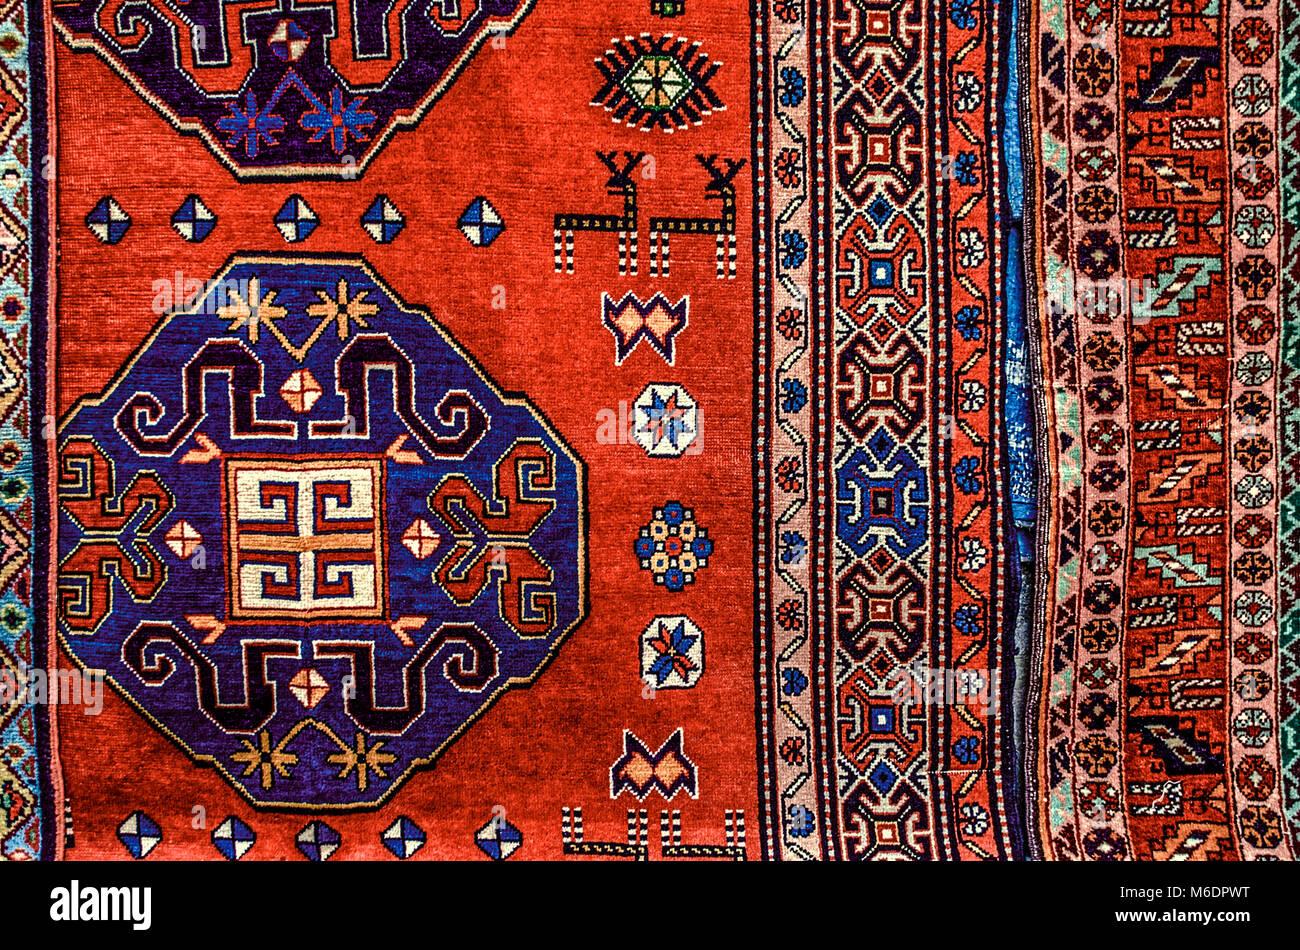 Armenian Craft Stock Photos Amp Armenian Craft Stock Images